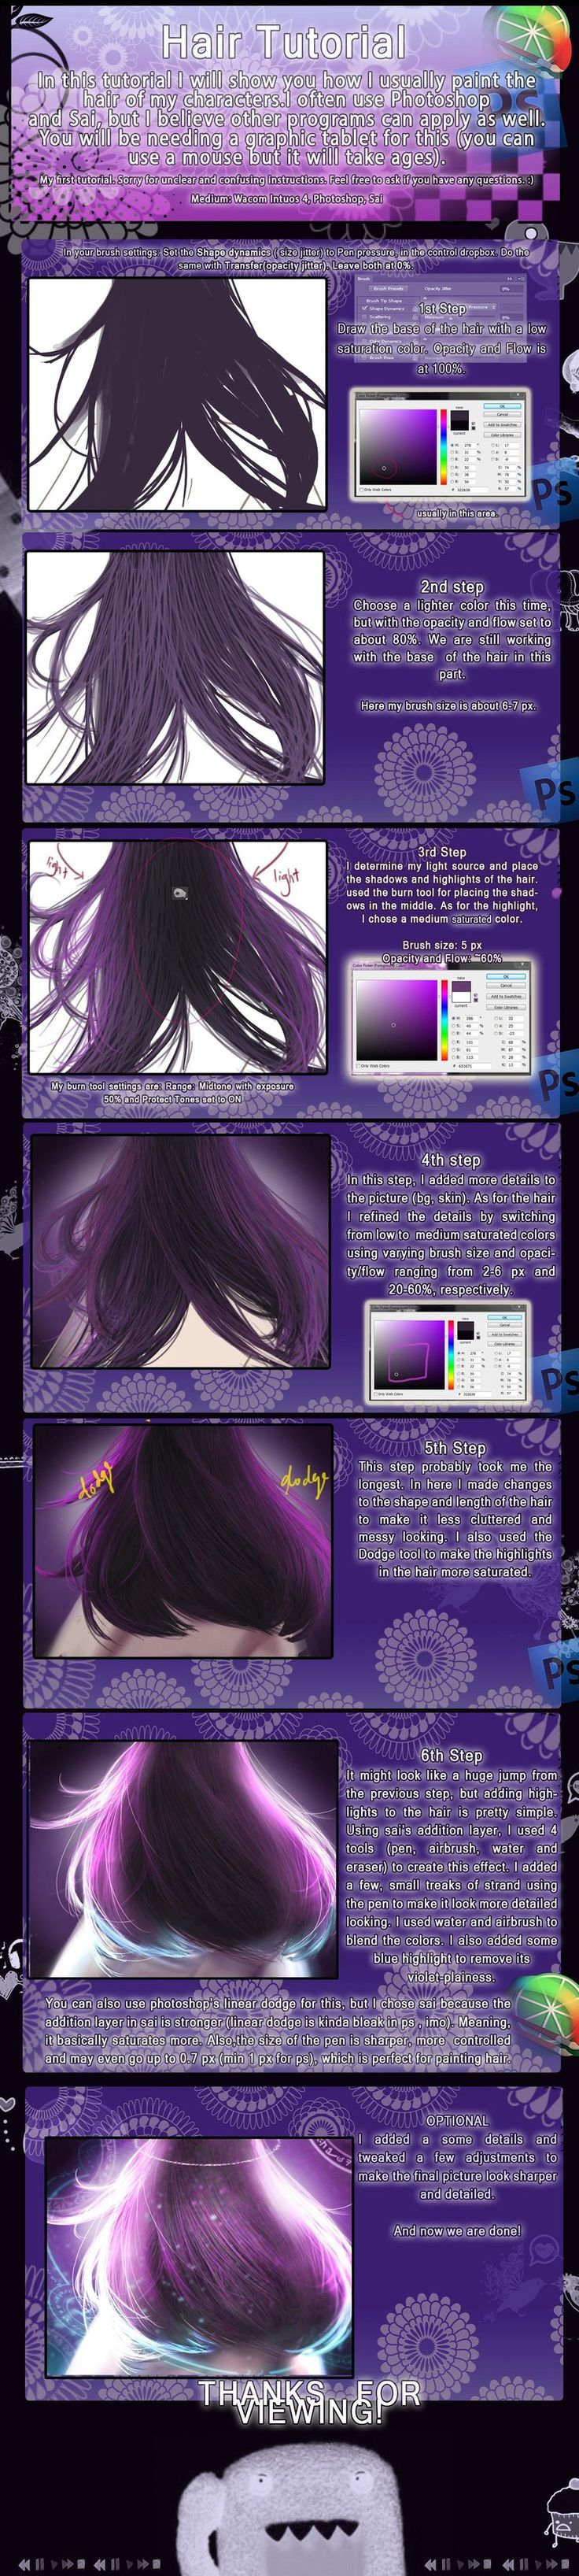 Hair tutorial by ChooeyChoco.deviantart.com on @deviantART